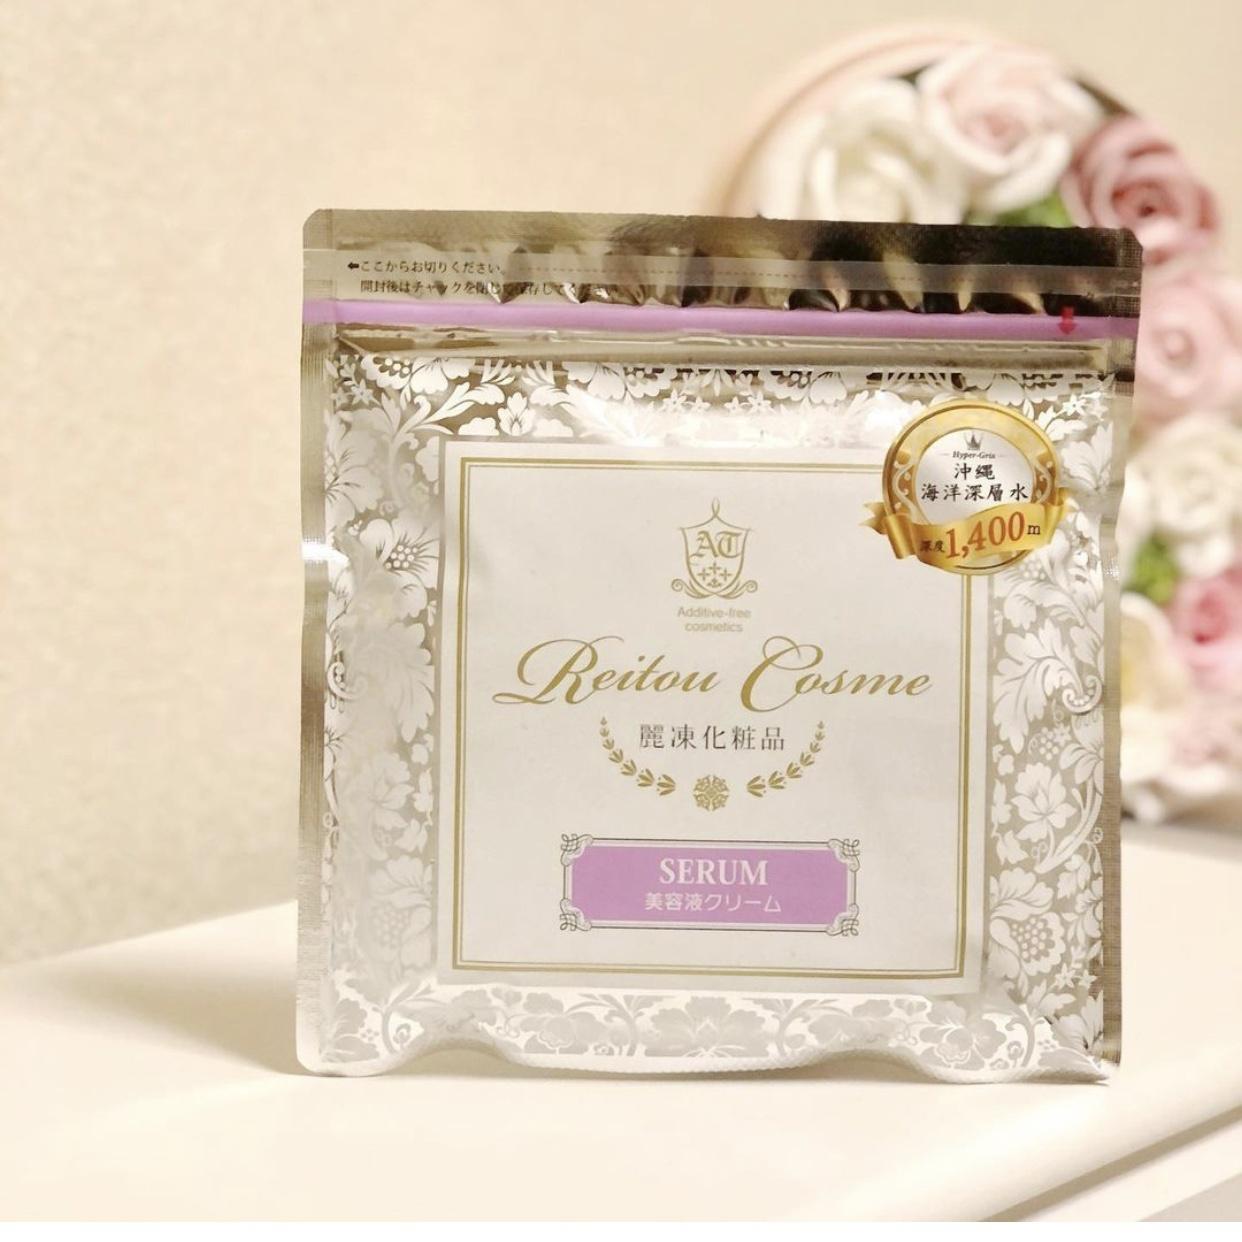 麗凍化粧品(Reitou Cosme) 美容液クリームを使ったlisa.1656さんのクチコミ画像1